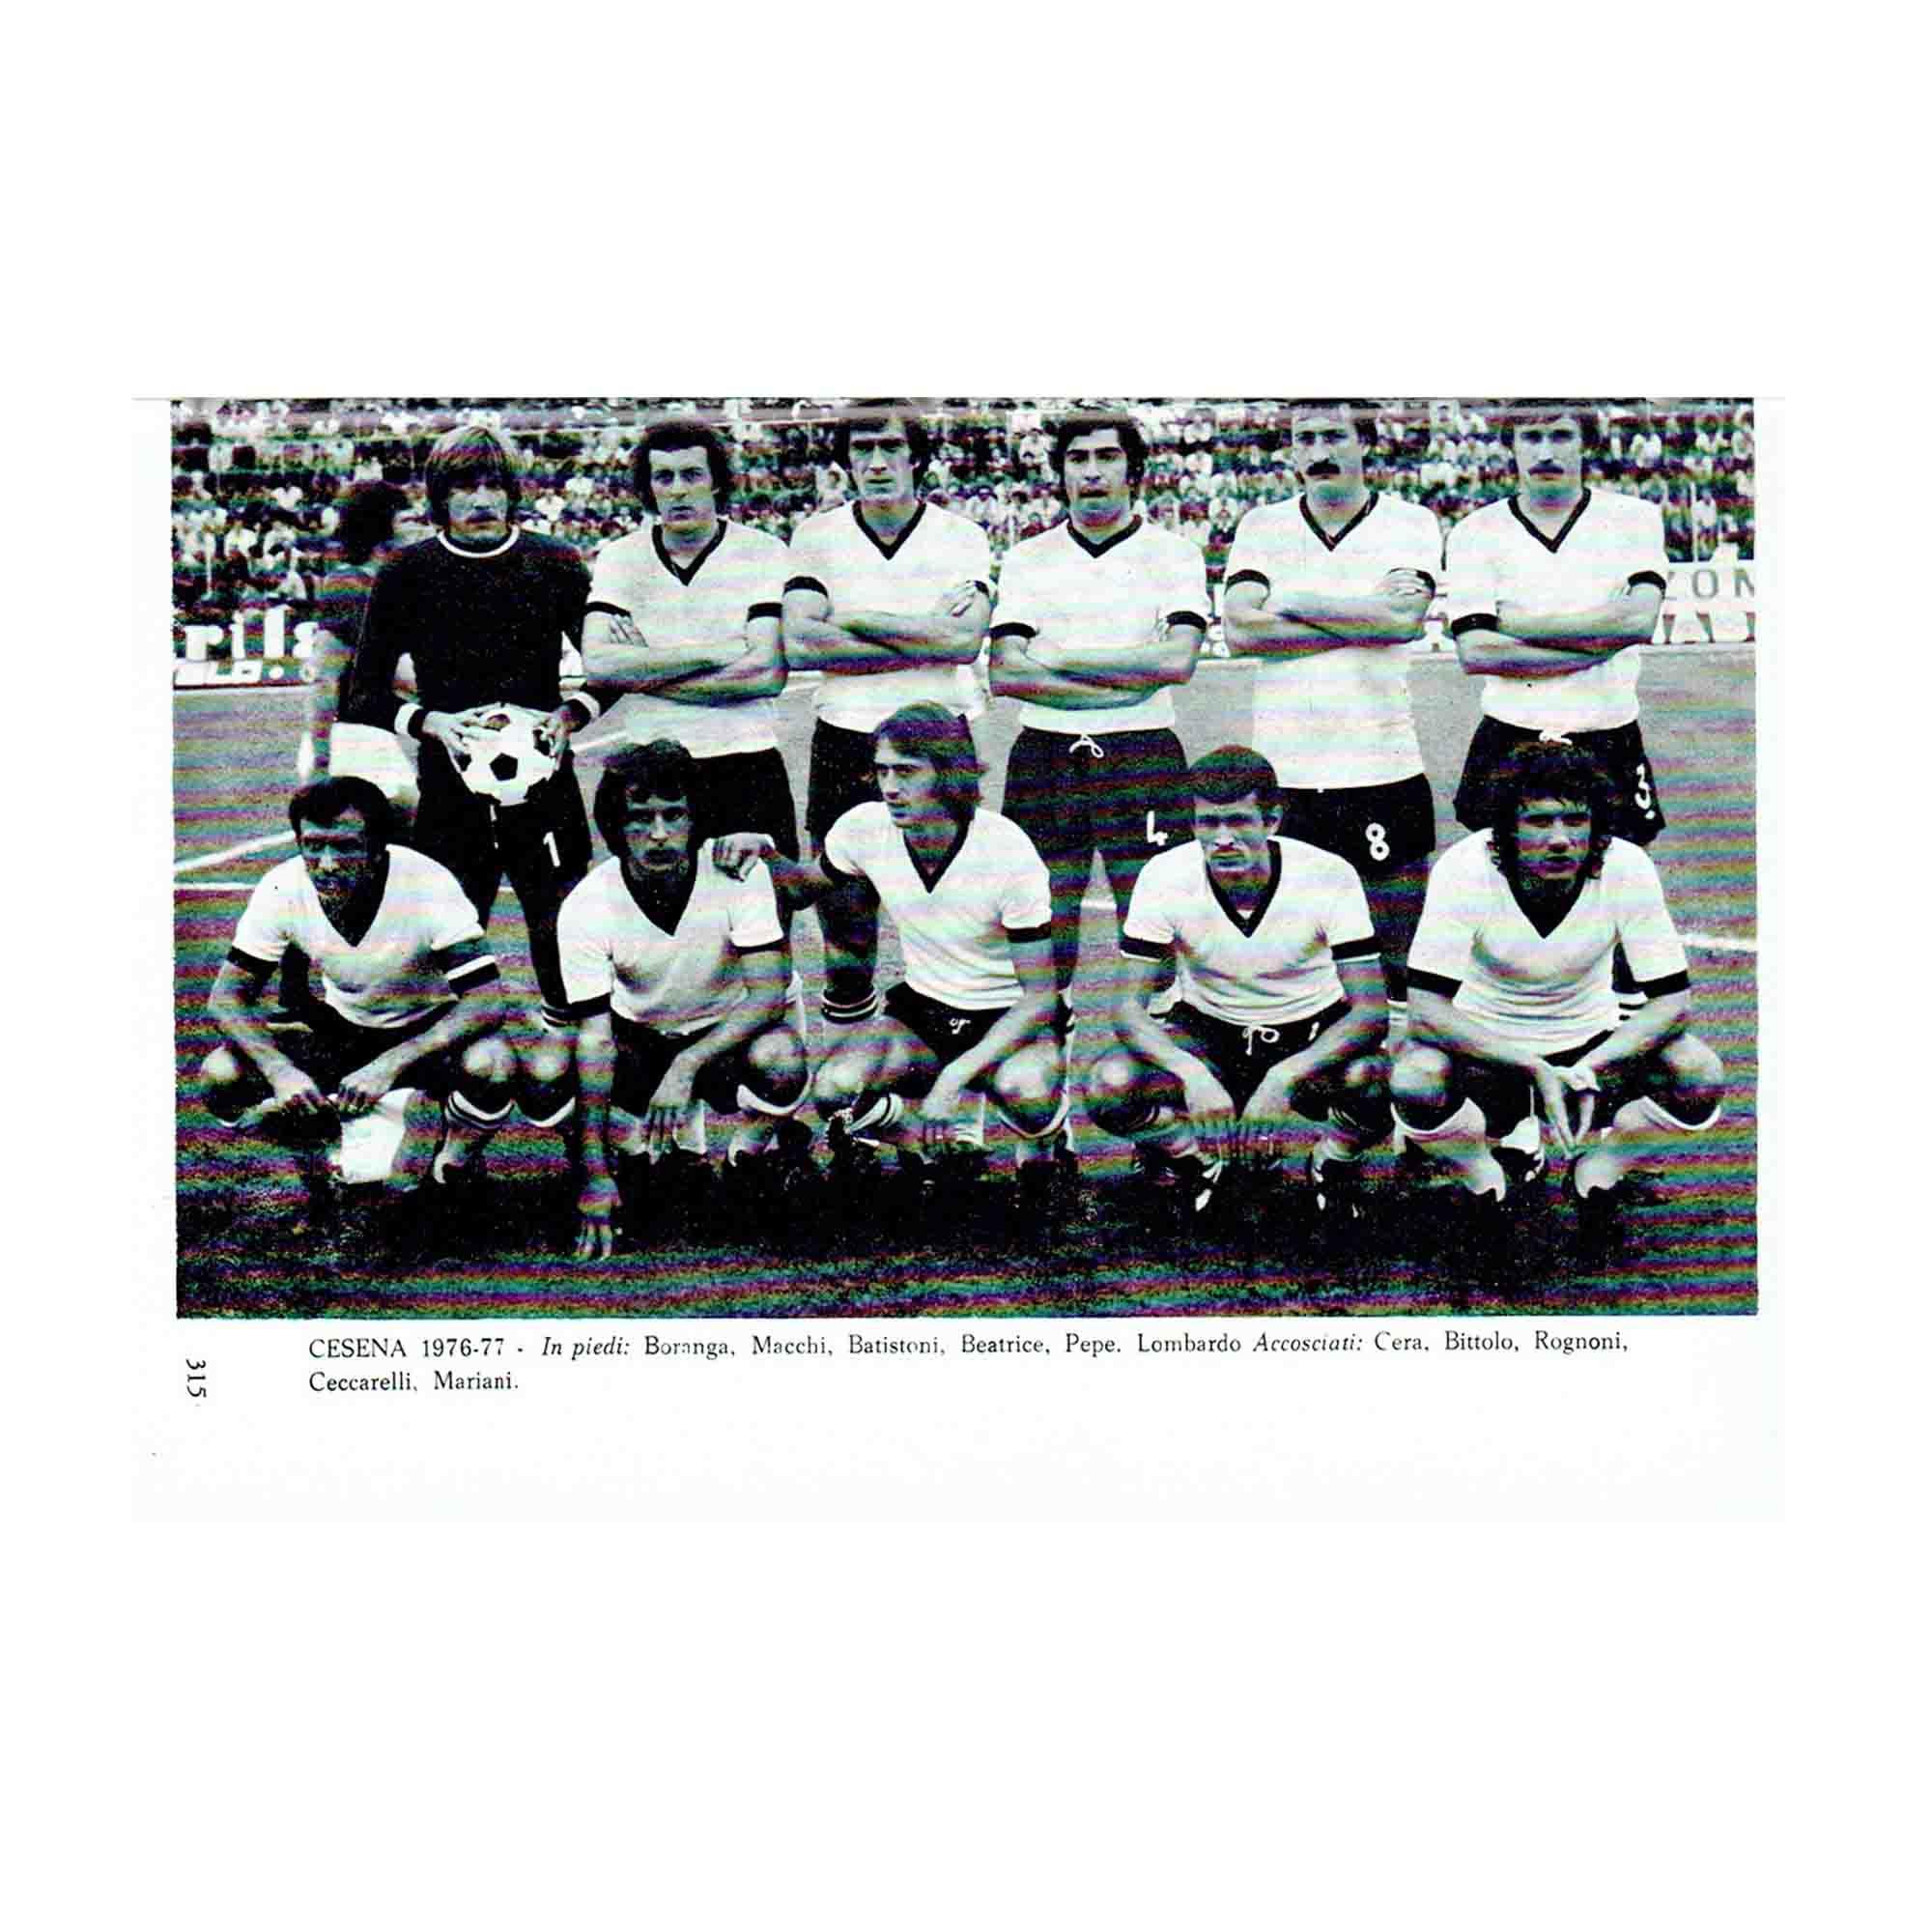 5247-Casadei-Cesena-Calcio-1977-Squadra-N.jpg